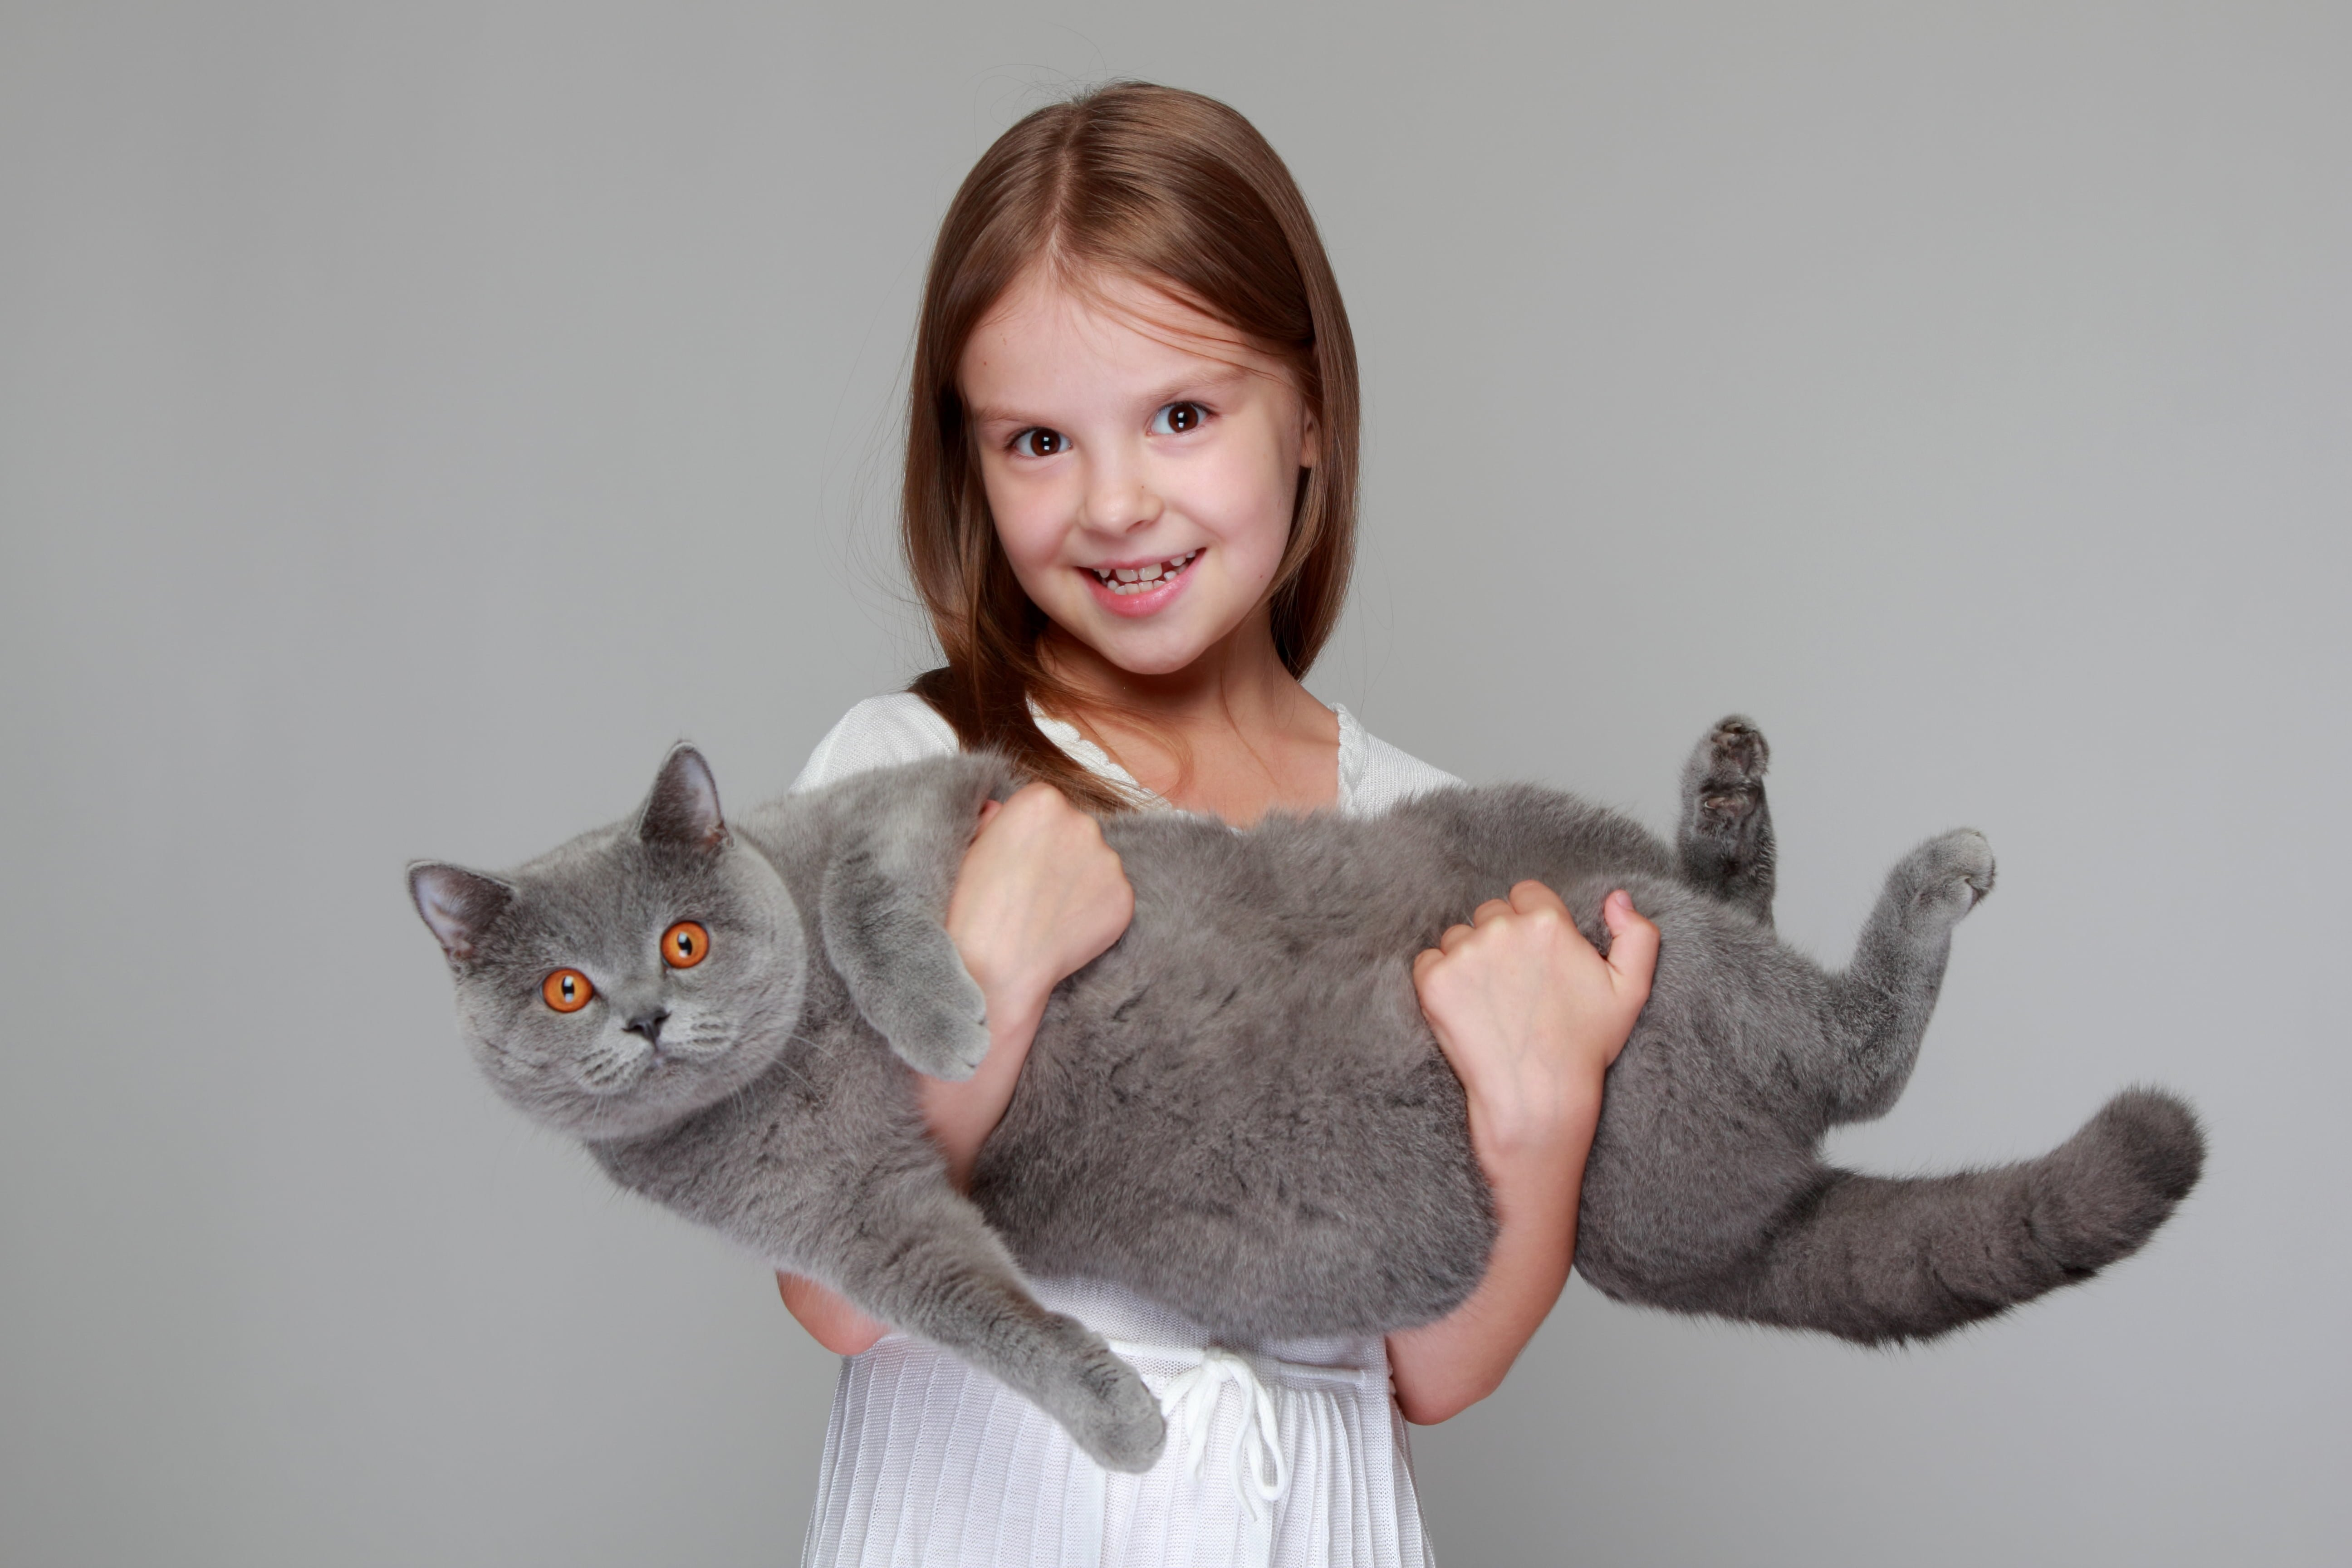 Dlaczego warto dać dziecku zwierzątko